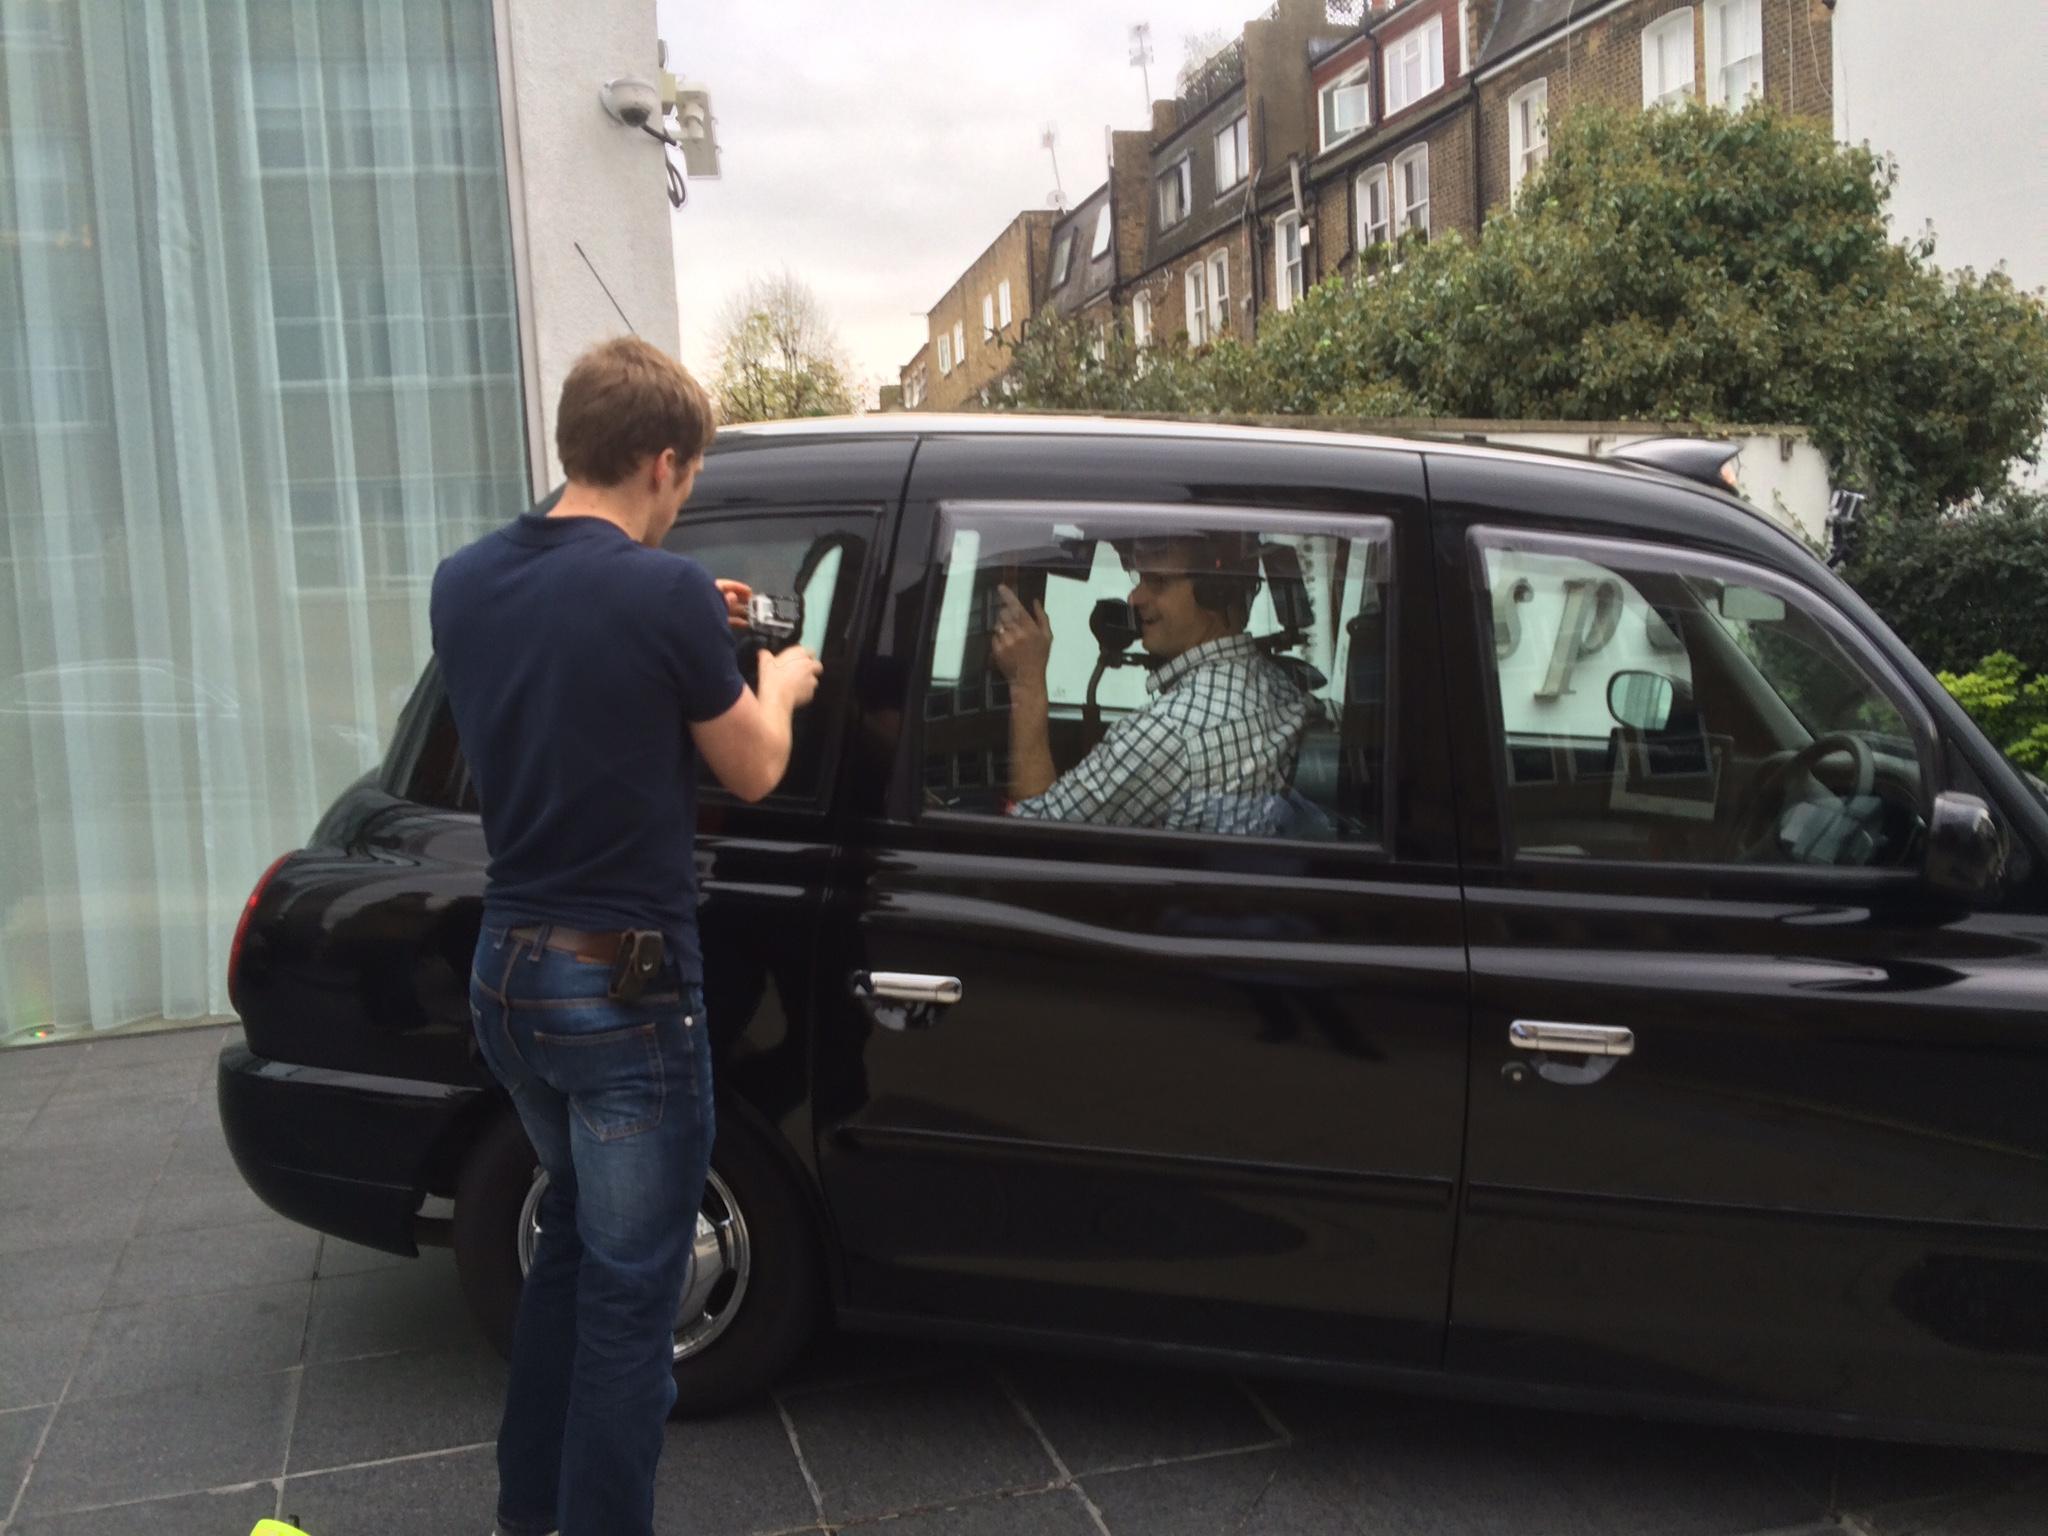 Black Cab filming